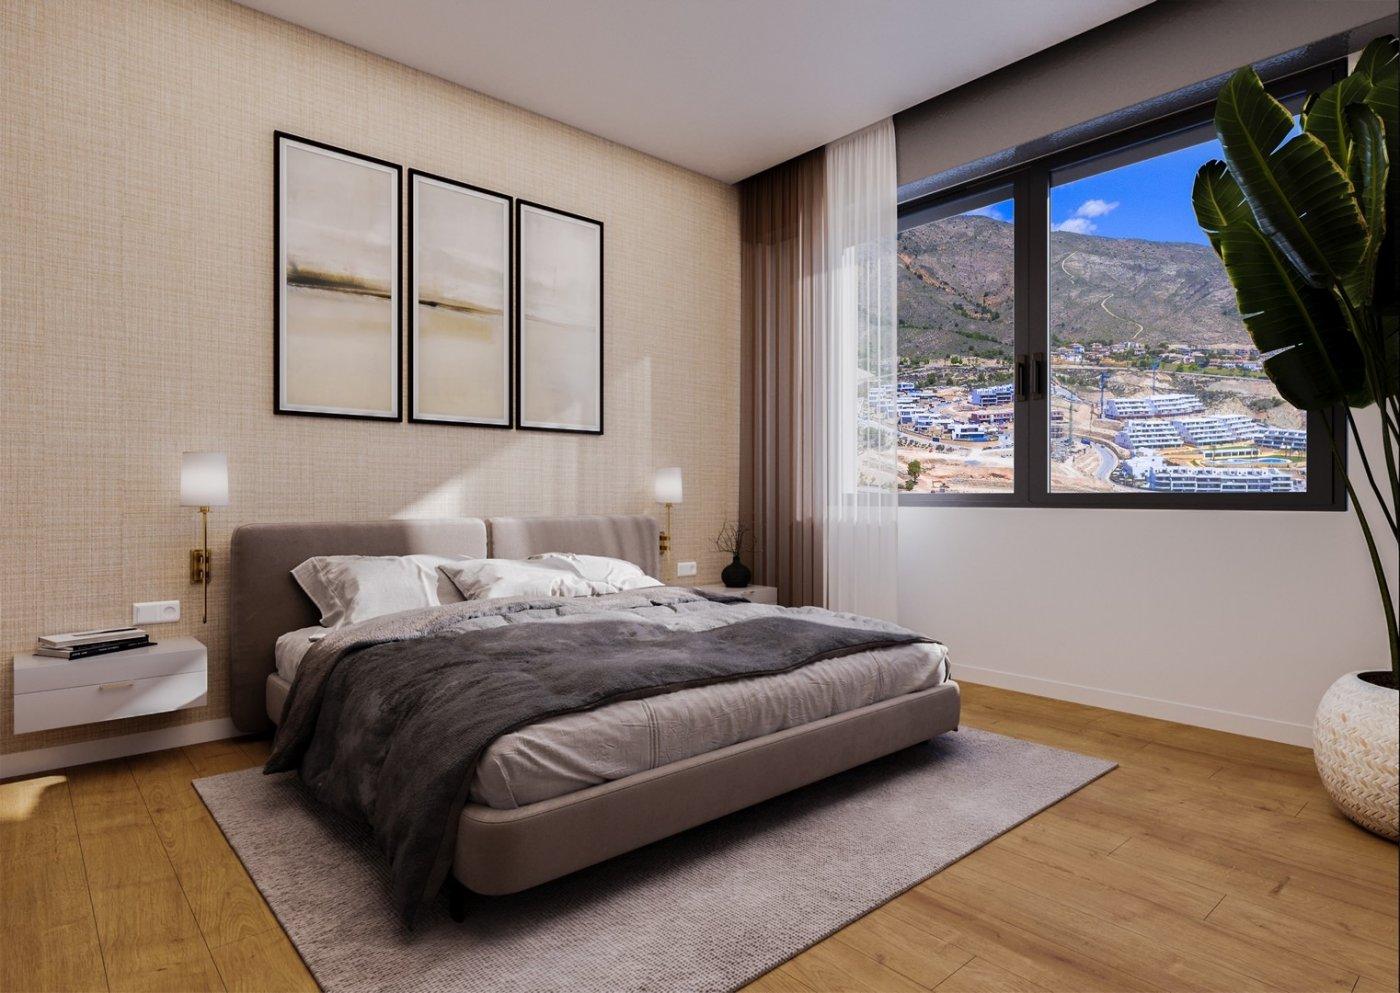 Nuevo complejo residencial en finestrat con vistas al mar!!! - imagenInmueble8